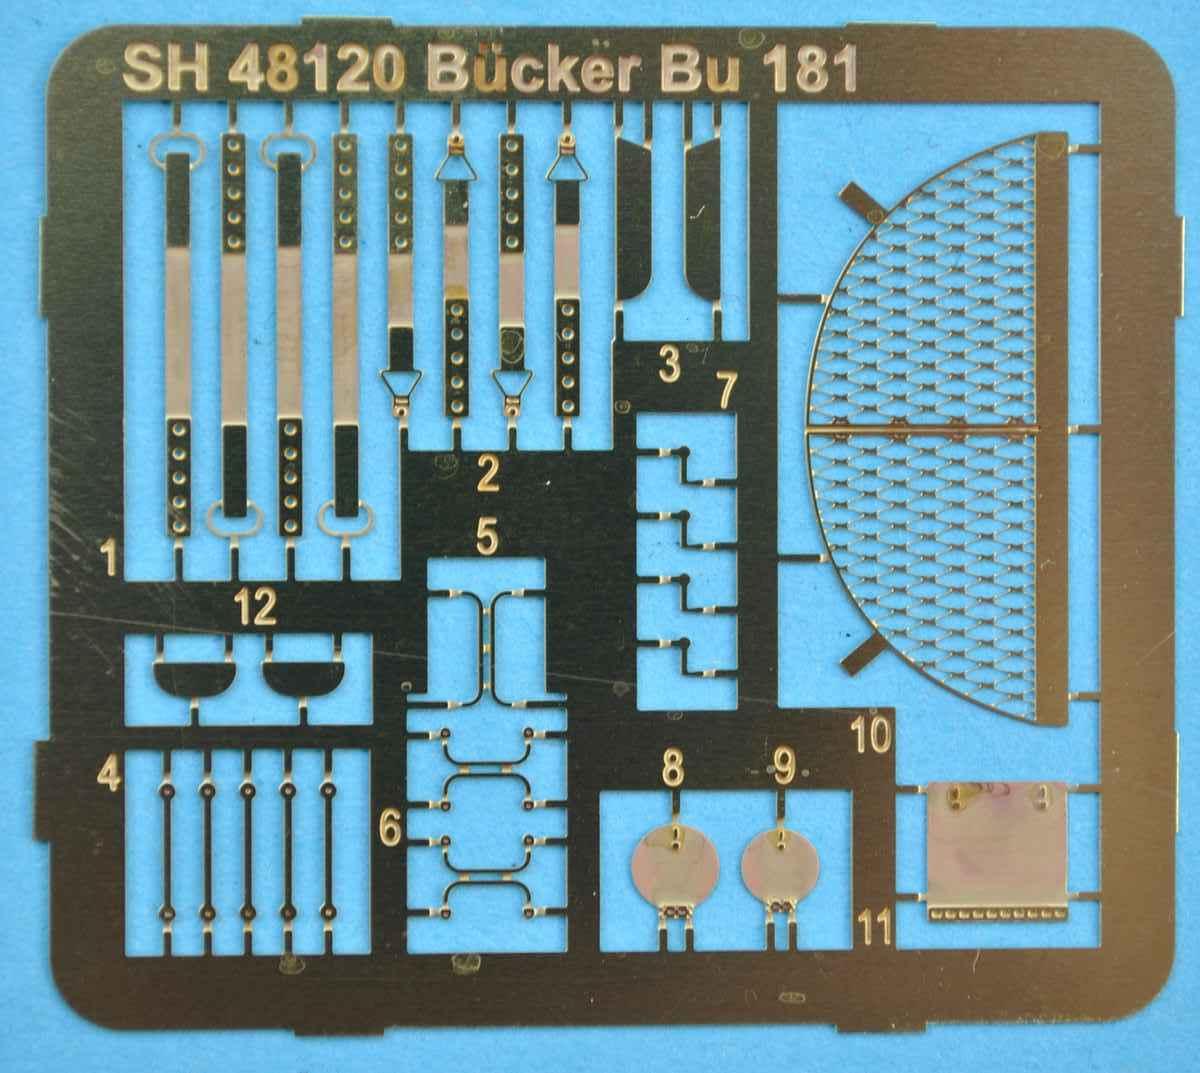 SpecialHobby-SH-48120-Bücker-Bü-181-Bestmann-25 Bücker Bü 181 Bestmann im Maßstab 1:48 Special Hobby SH 48120